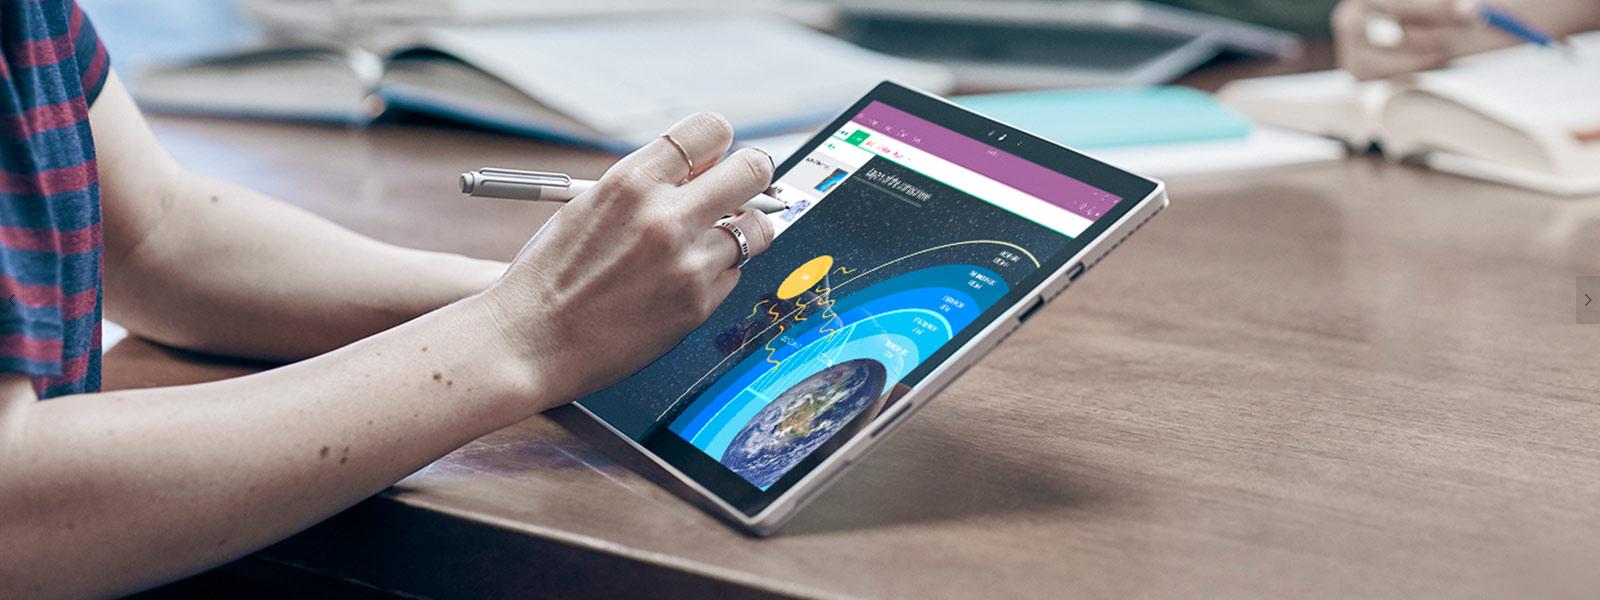 Surface Pro 4 で Surface ペンを使っている女性。